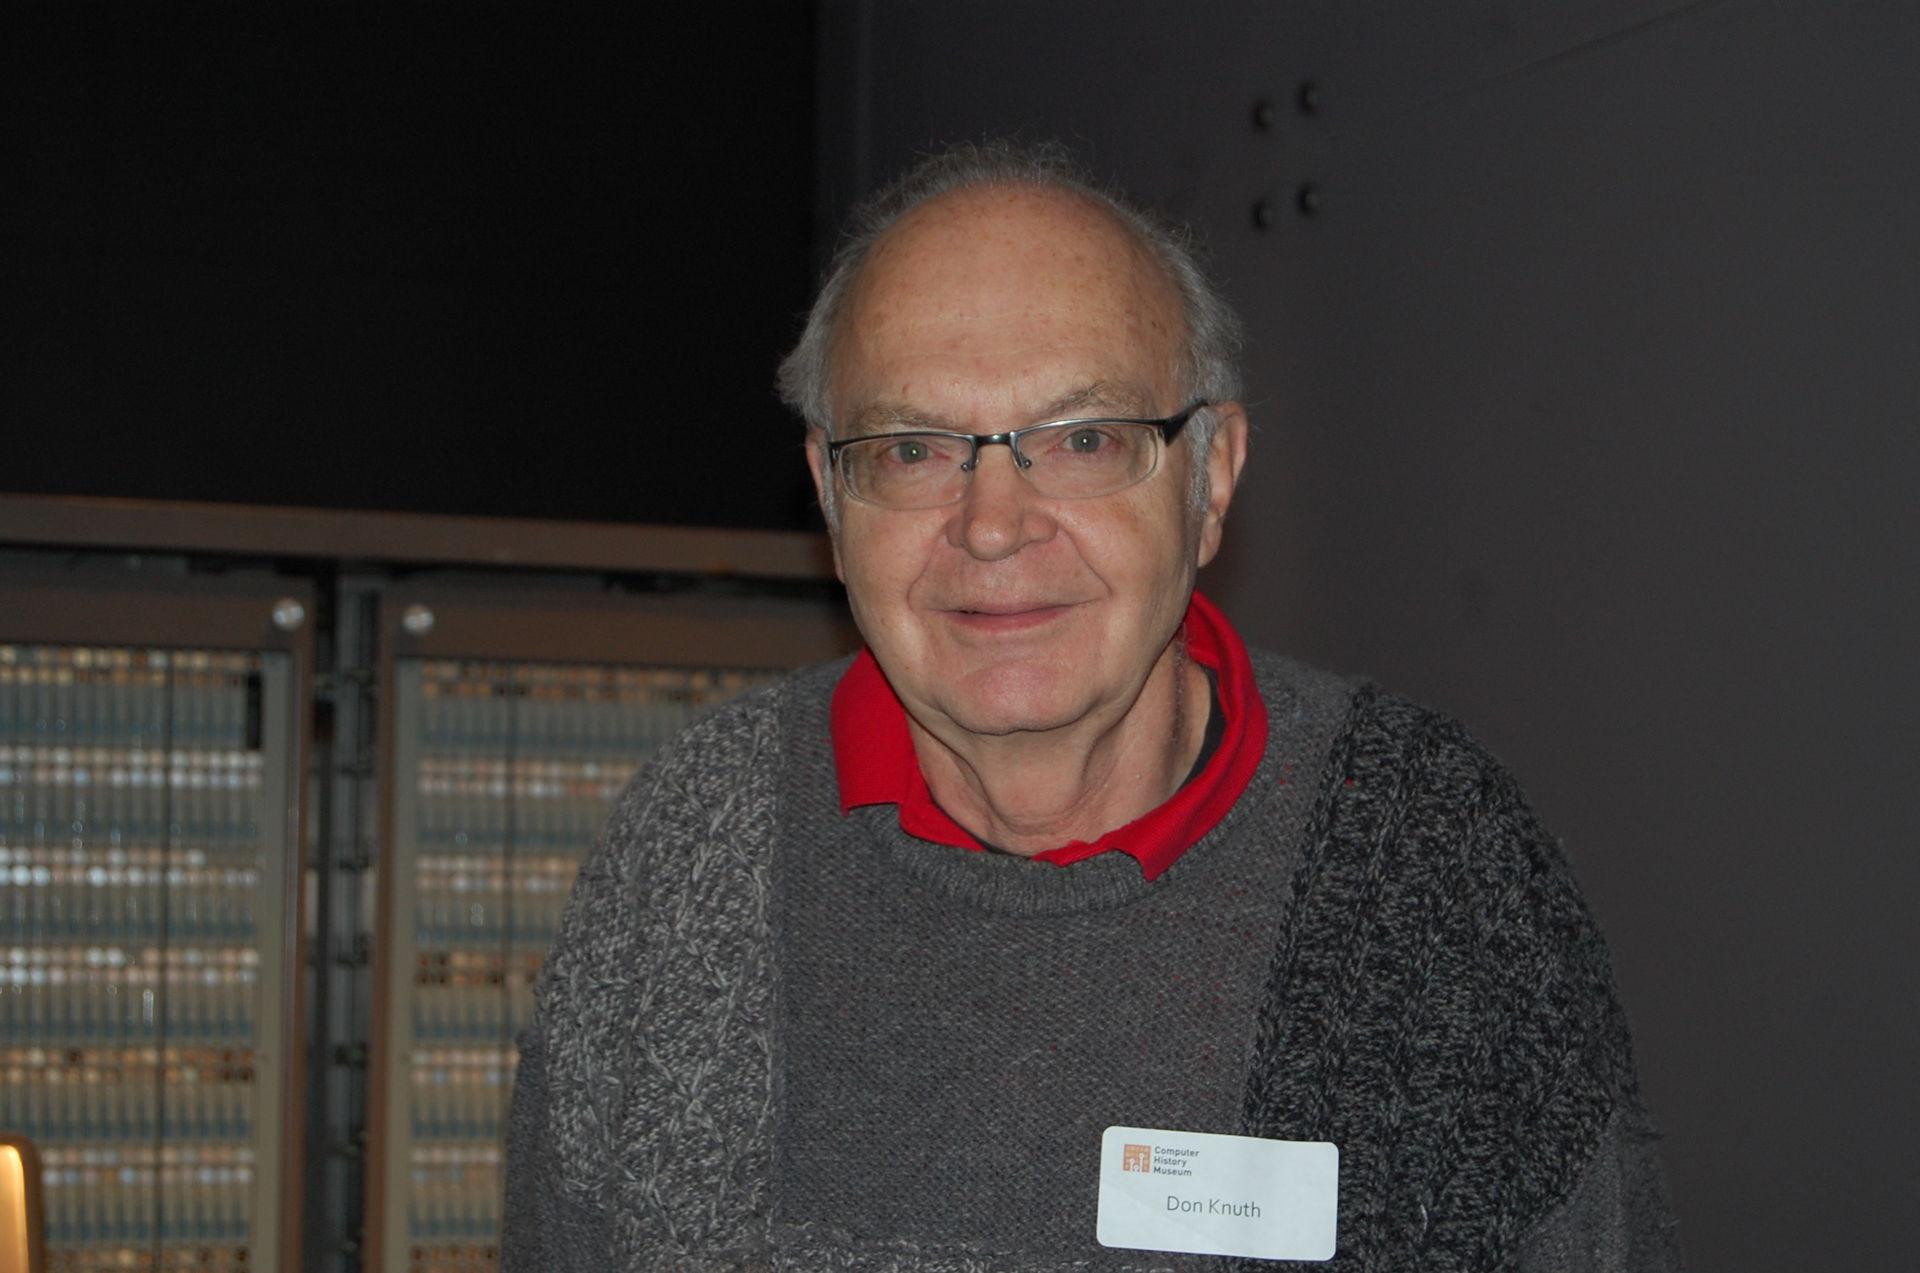 """Для одного из первых учёных-компьютерщиков Дональда Кнута хороший код— это синоним красивого выражения мыслей. / Фото— <a href=""""https://commons.wikimedia.org/wiki/File:Donald_Ervin_Knuth.jpg"""" rel=""""noopener"""" target=""""_blank"""">Alex Handy</a>."""